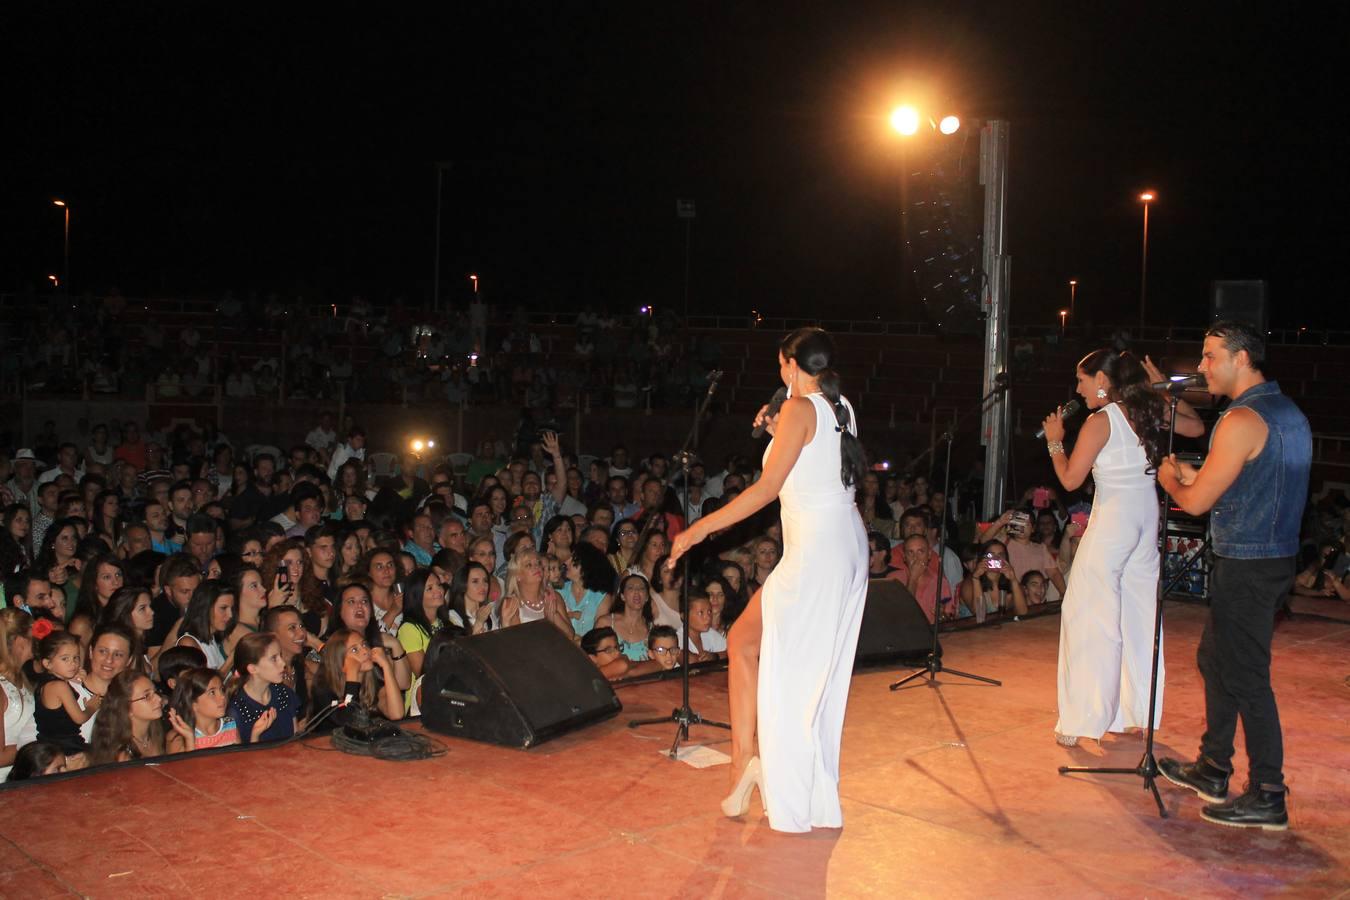 Alrededor de 700 personas presencian el concierto de Azúcar Moreno    valverdedeleganes.hoy.es